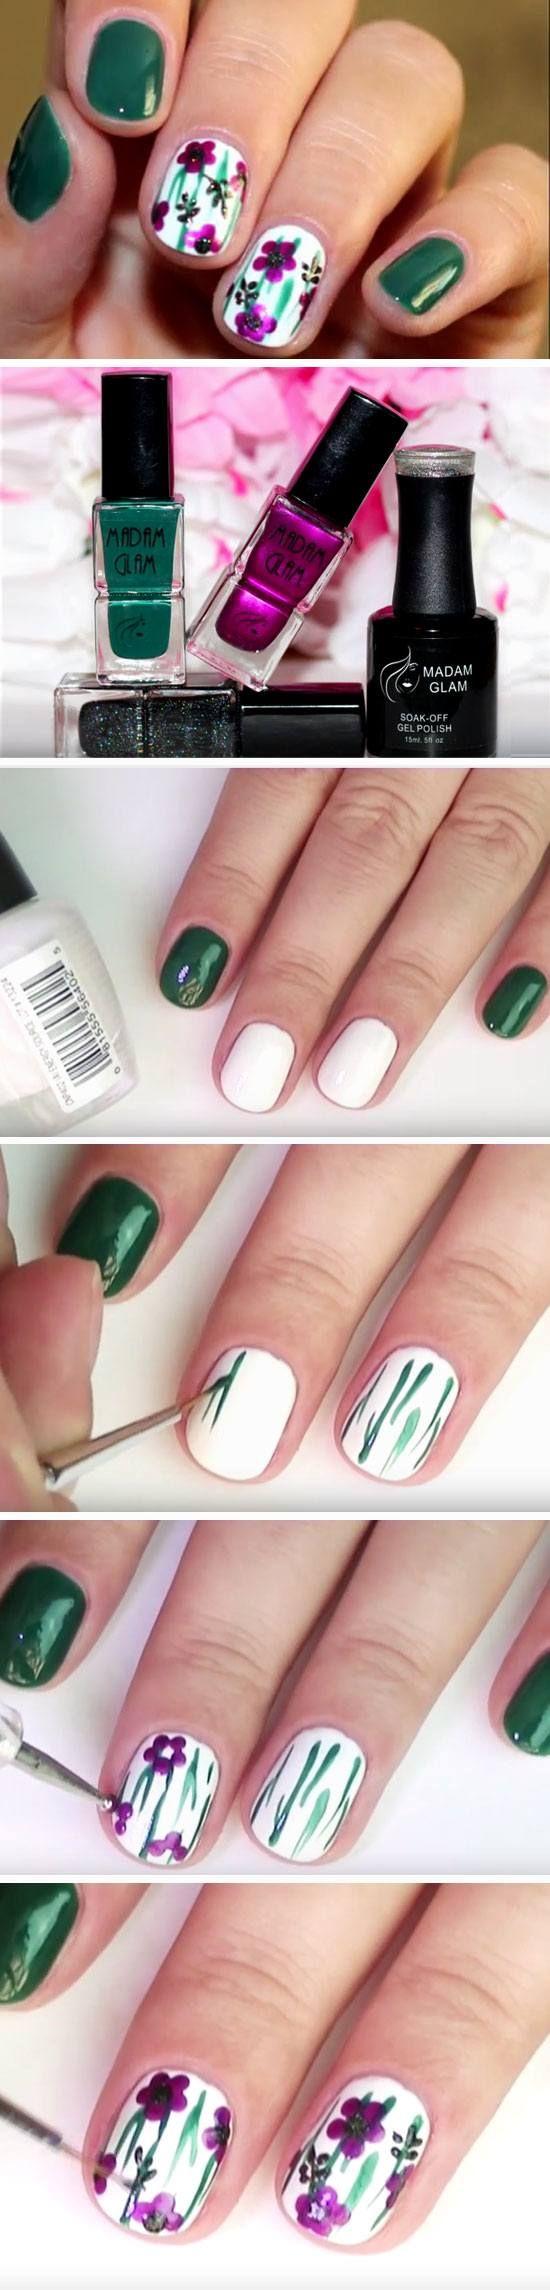 22 Easy Fall Nail Designs for Short Nails | Thanksgiving nails ...